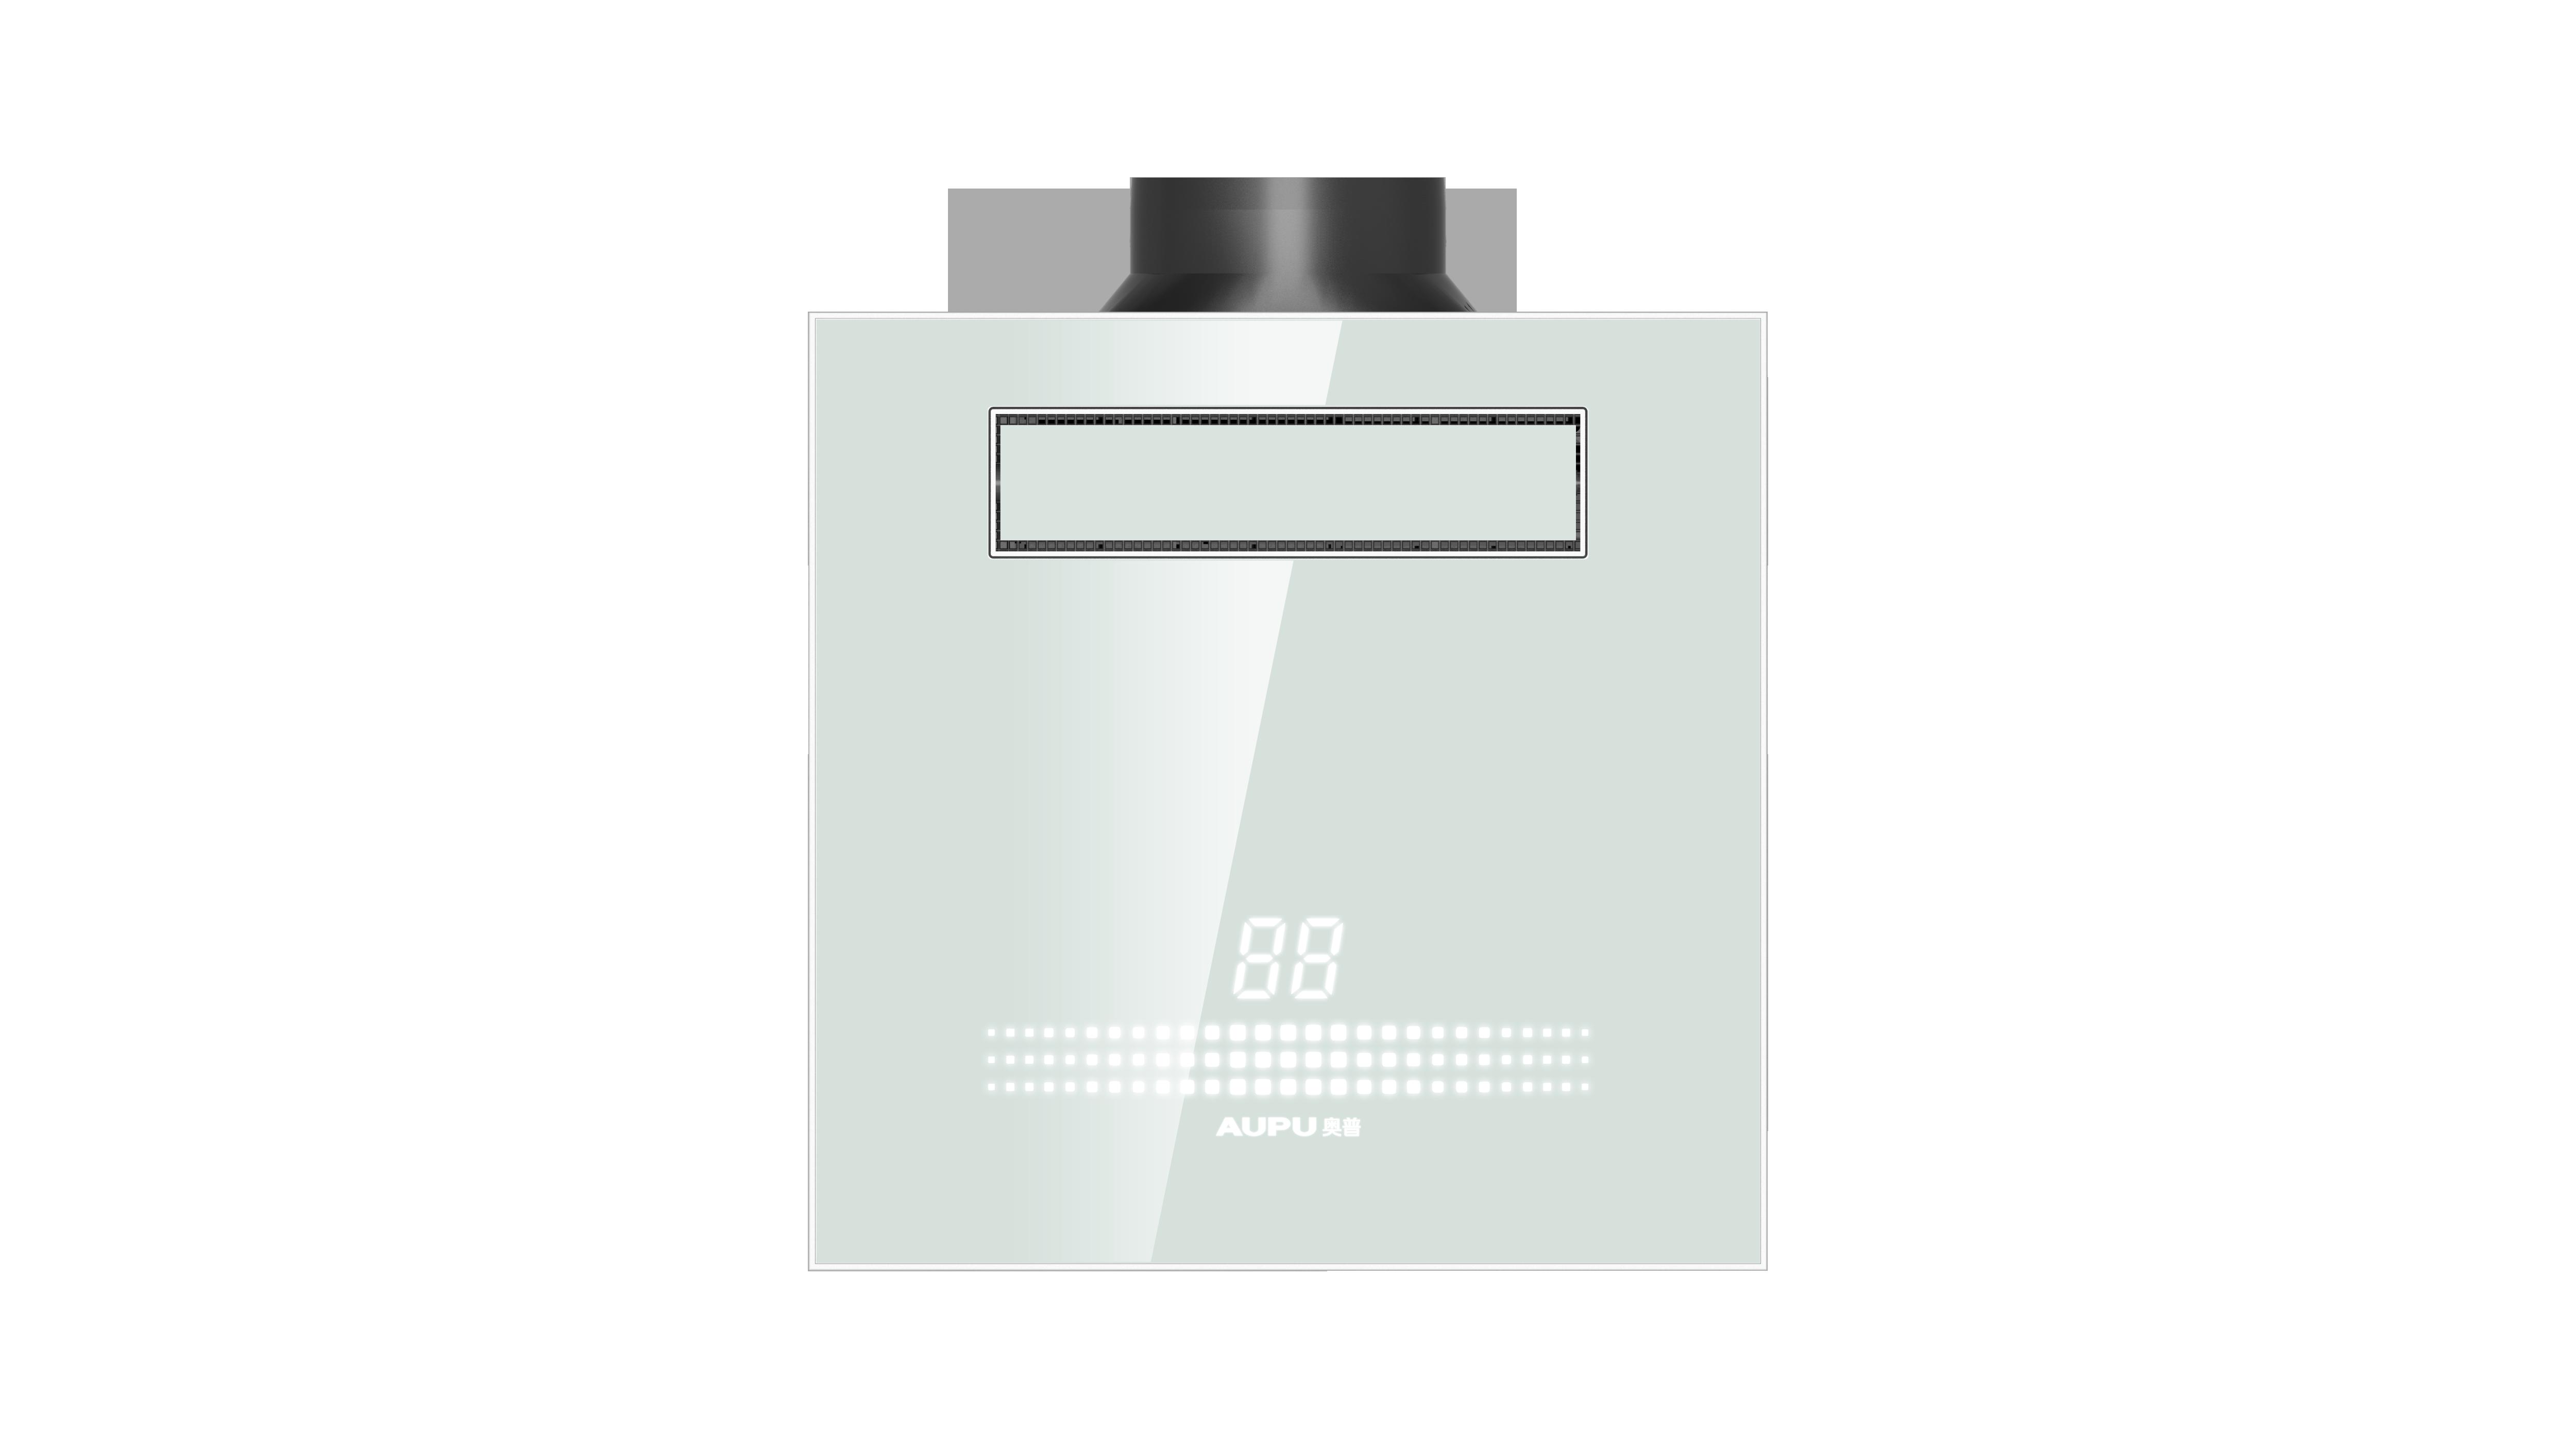 QDP3021A